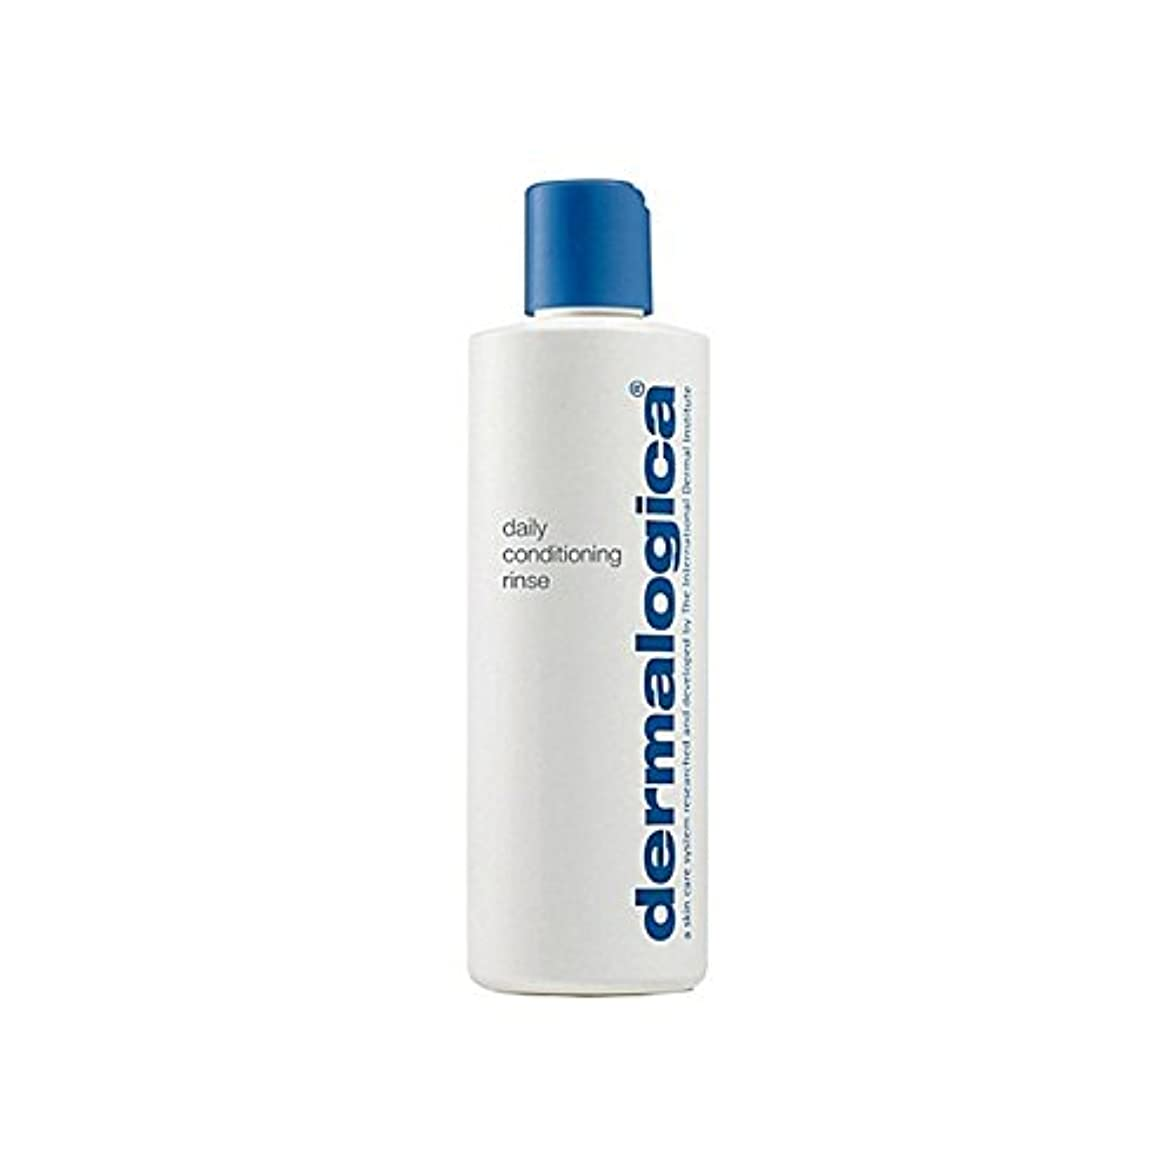 ダーマロジカ毎日コンディショニングリンス50ミリリットル x4 - Dermalogica Daily Conditioning Rinse 50ml (Pack of 4) [並行輸入品]